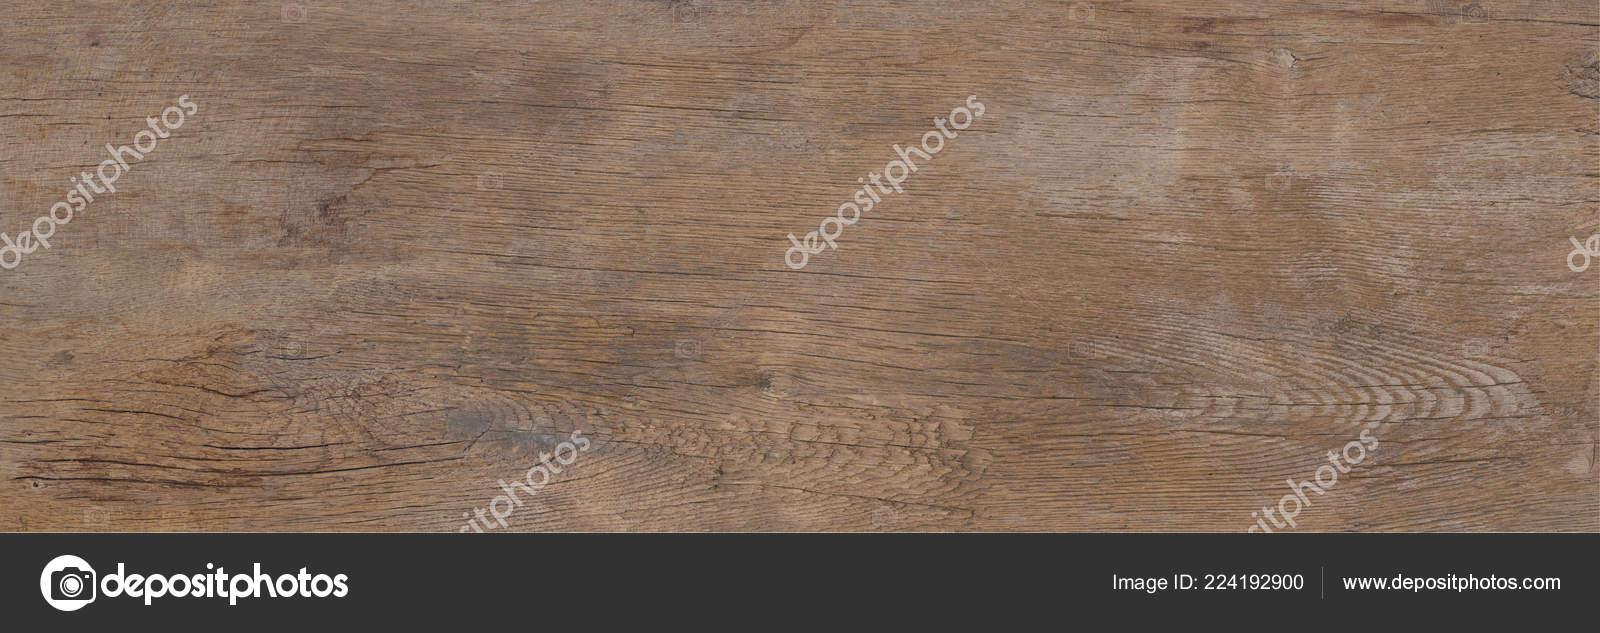 Tappeto Legno Legno Sfondo Pattern Texture Naturale — Foto Stock ...